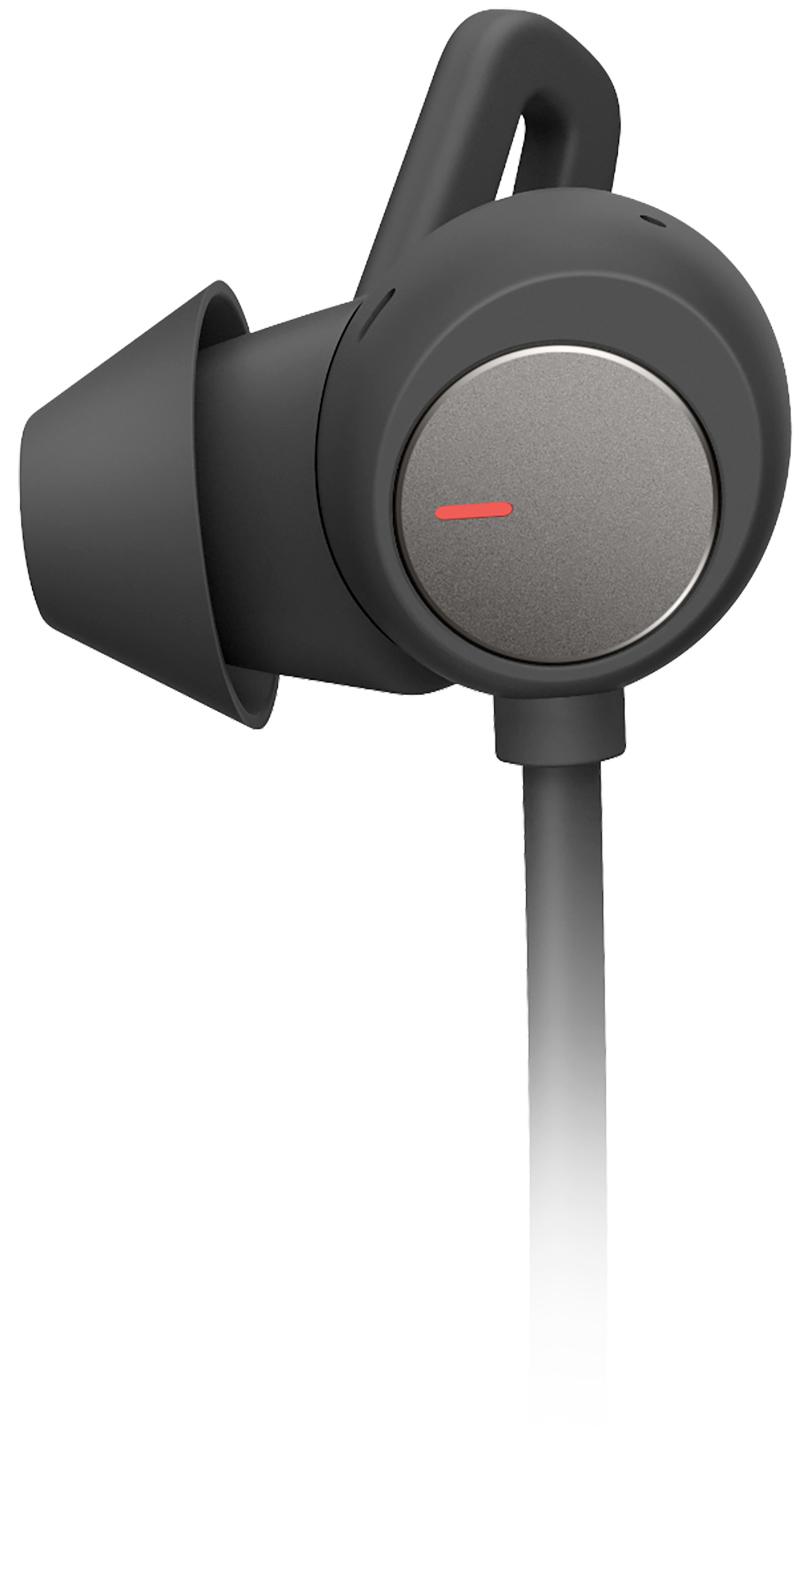 Fones de Ouvido Bluetooth Huawei FreeLace Pro com Cancelamento de Ruídos miniatura